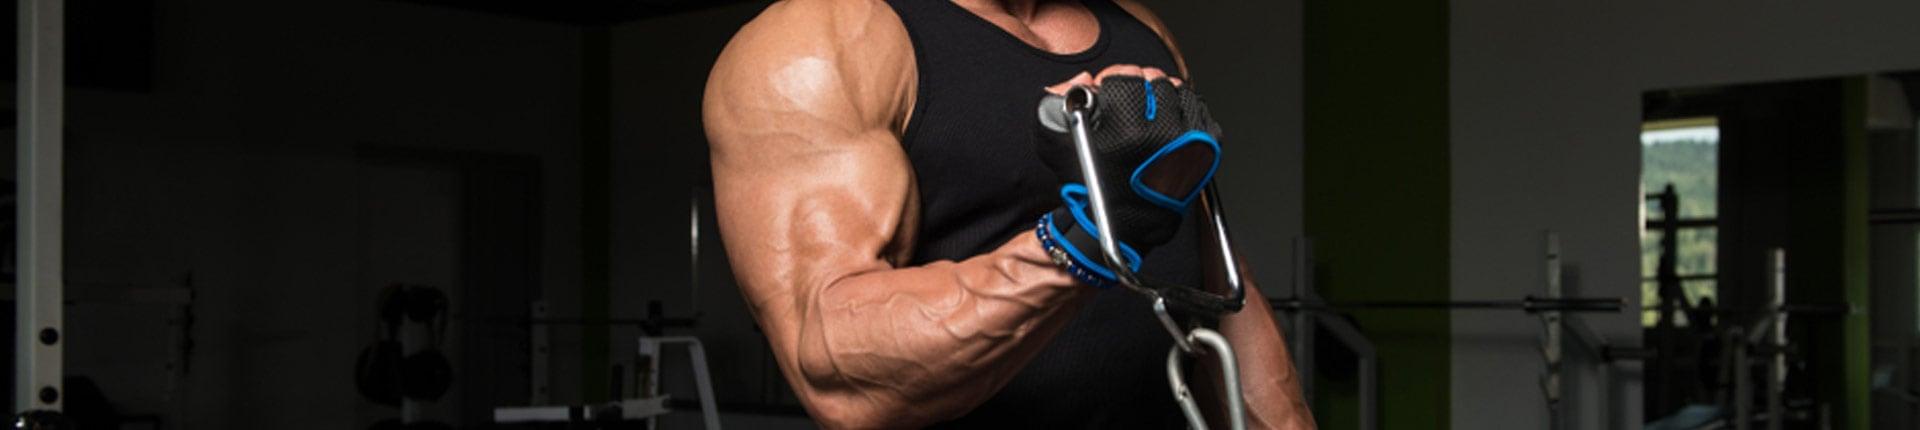 Jak trenować bicepsy na maszynach i wyciągach? Najlepsze maszyny na biceps!